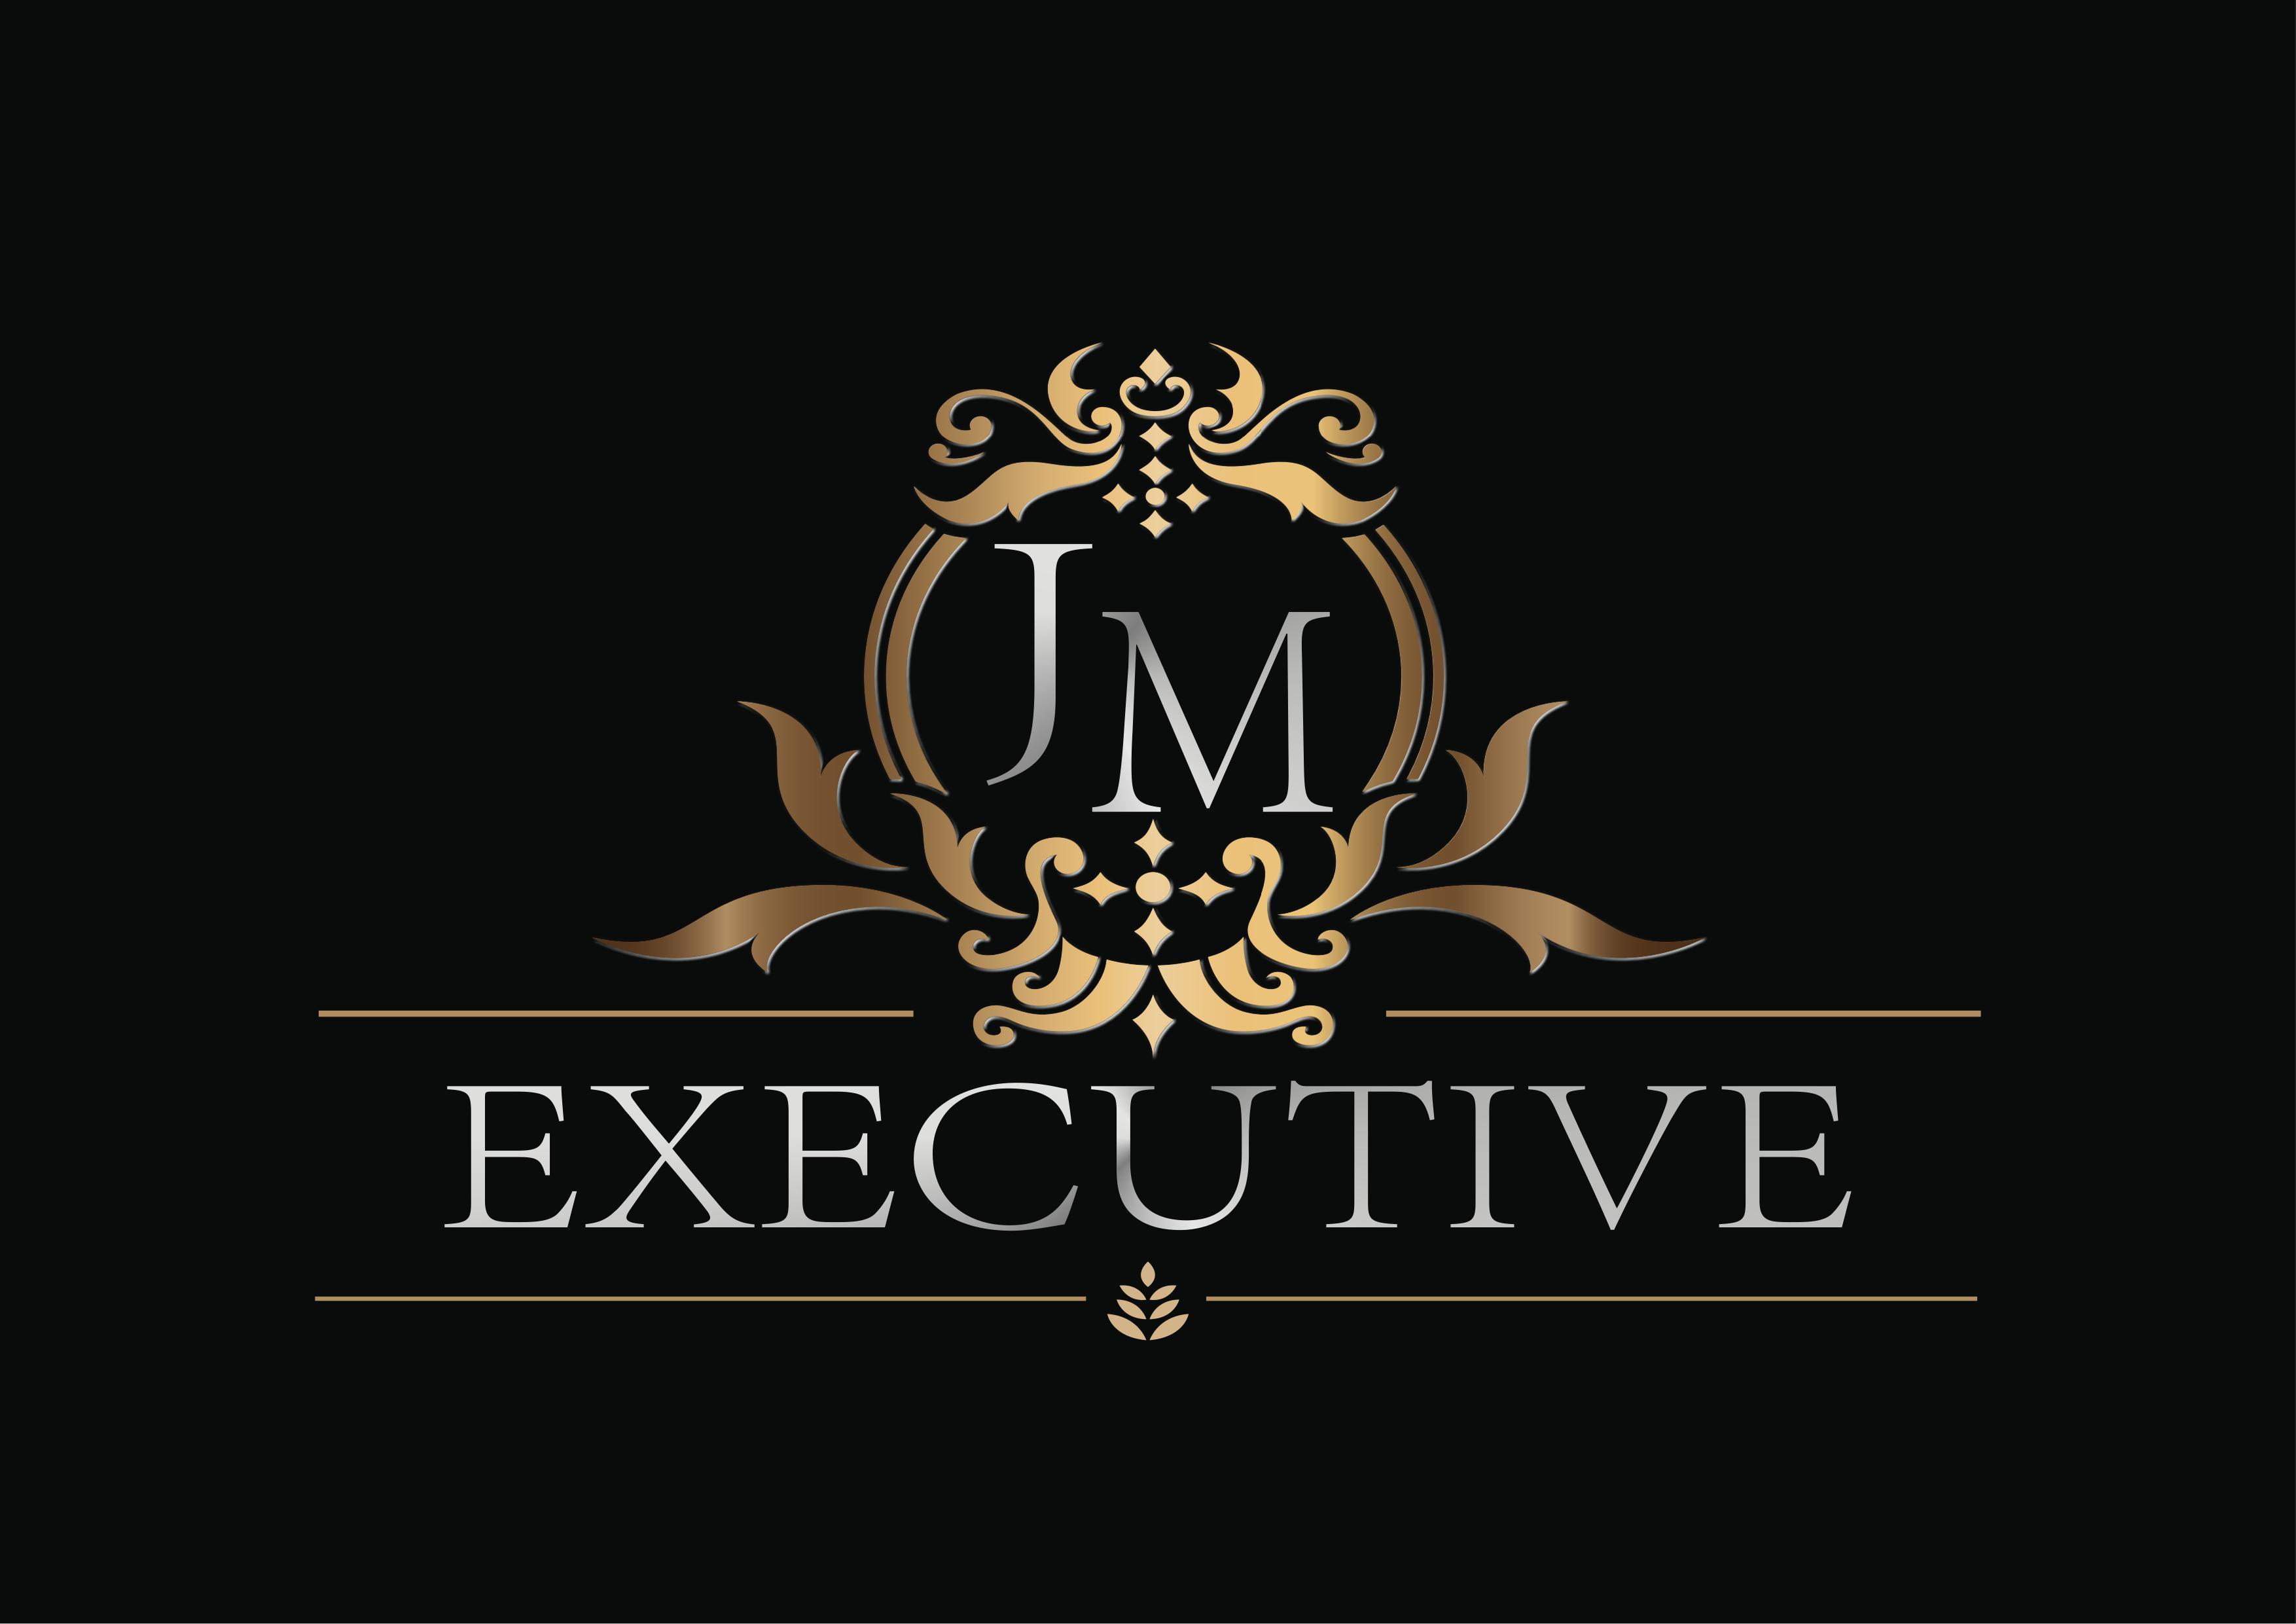 JM EXECUTIVE